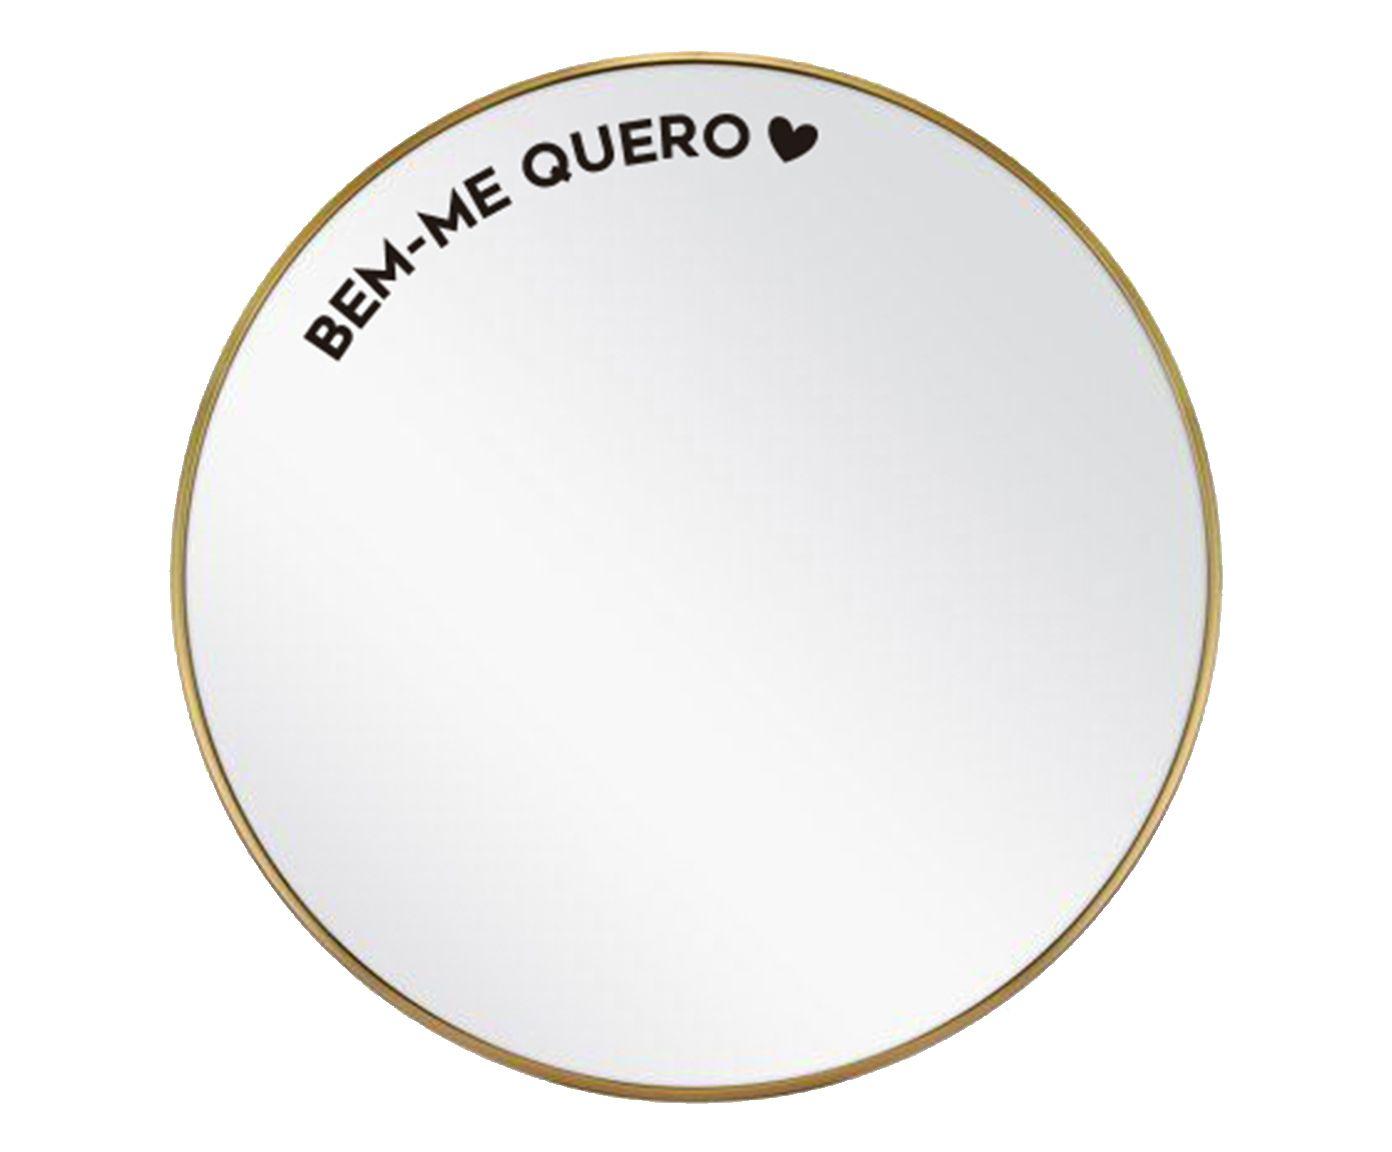 Espelho Bem-Me Quero Dourado - 60cm | Westwing.com.br